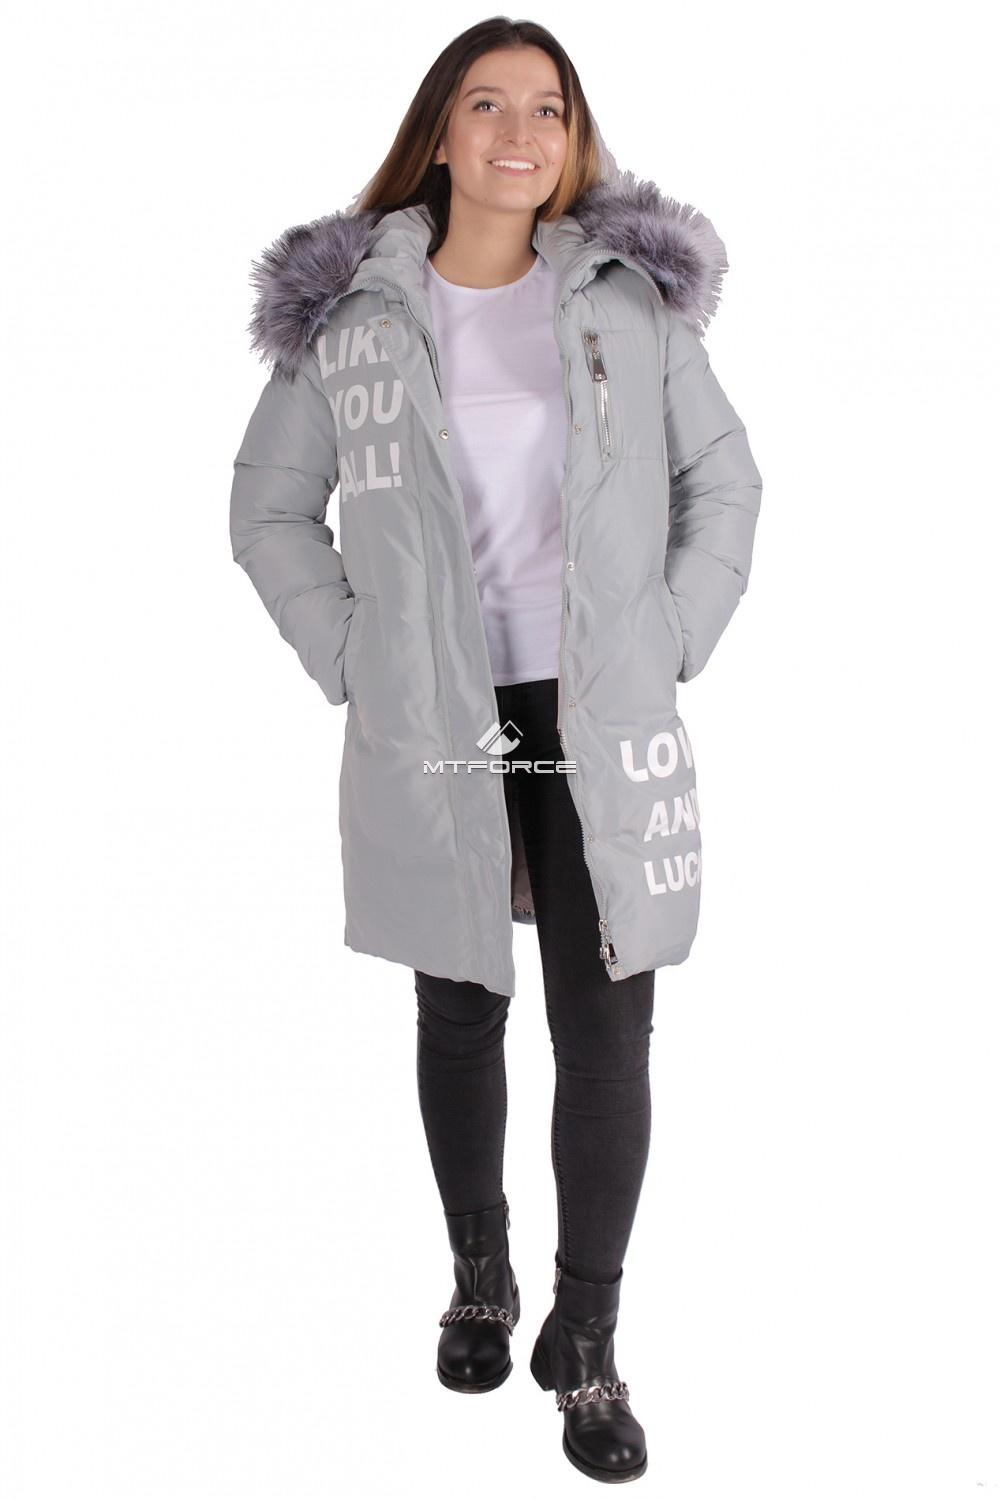 Купить                                  оптом Пуховик ТРЕНД женский зимний серого цвета 16085Sr в Санкт-Петербурге